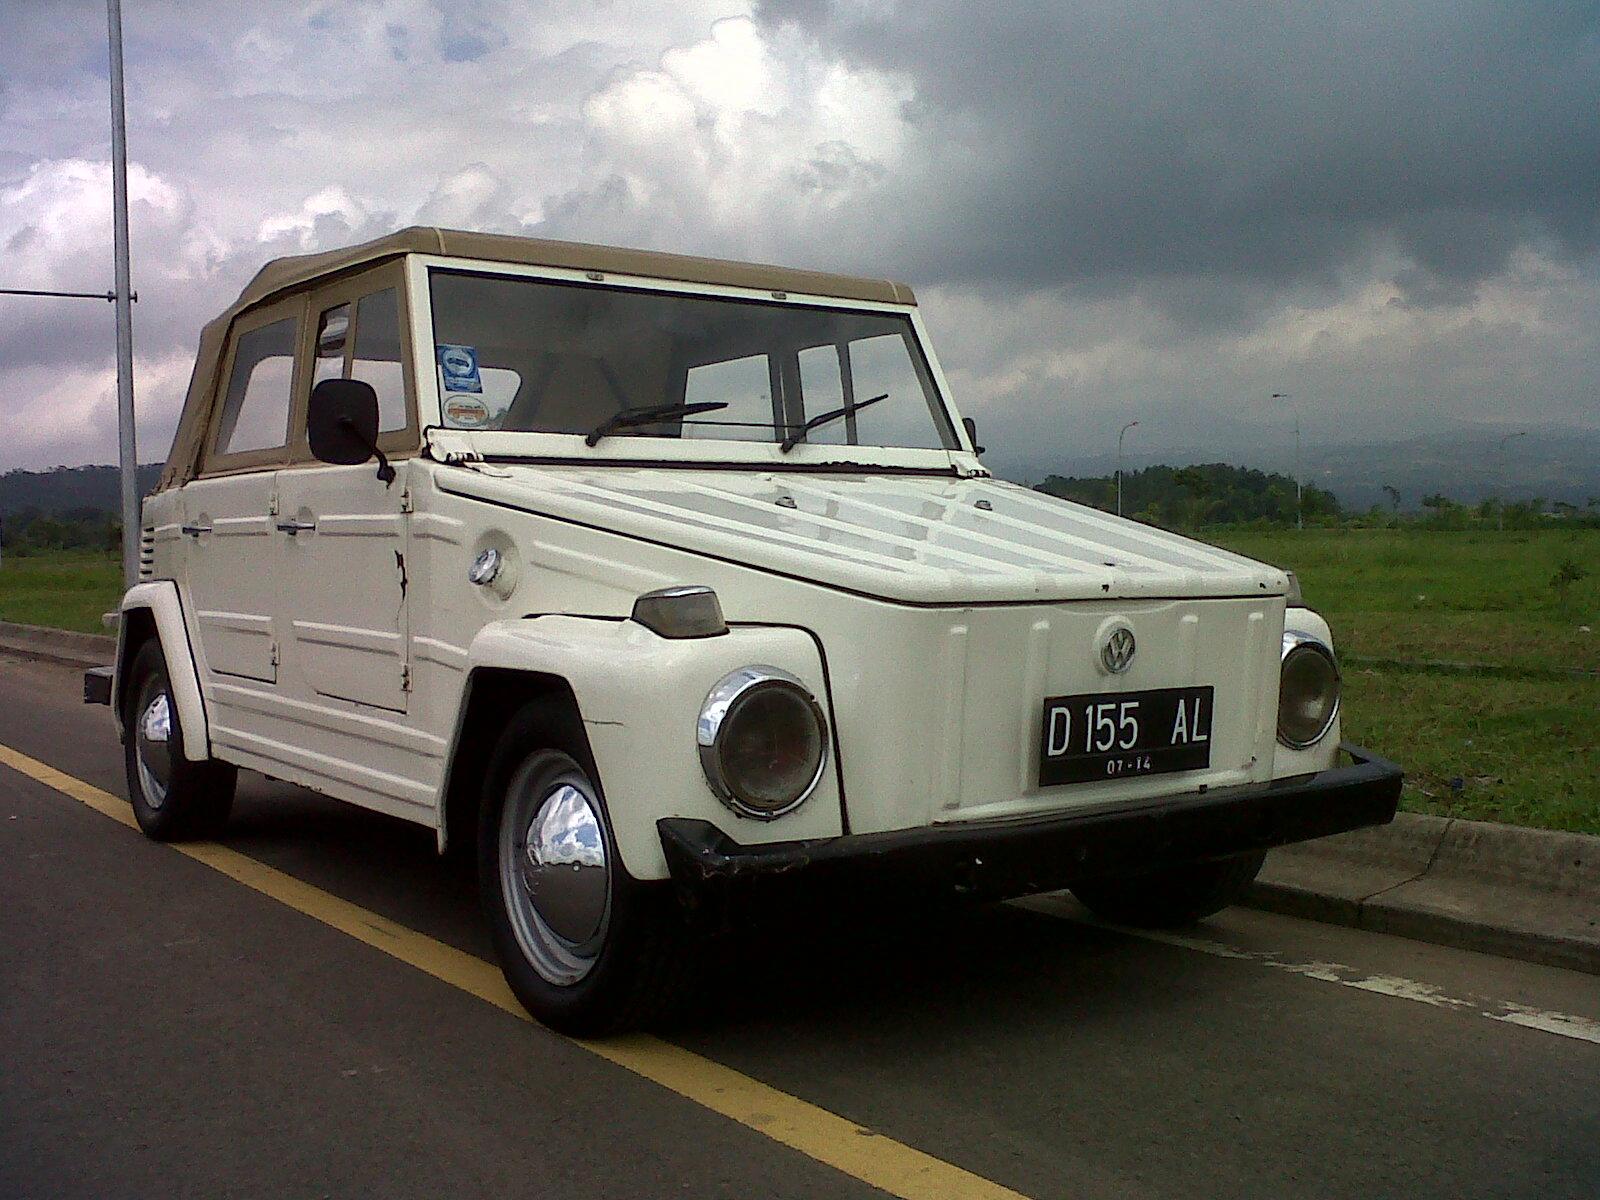 1974 Volkswagen Thing Safari Trekker Type 182 Vw Safari